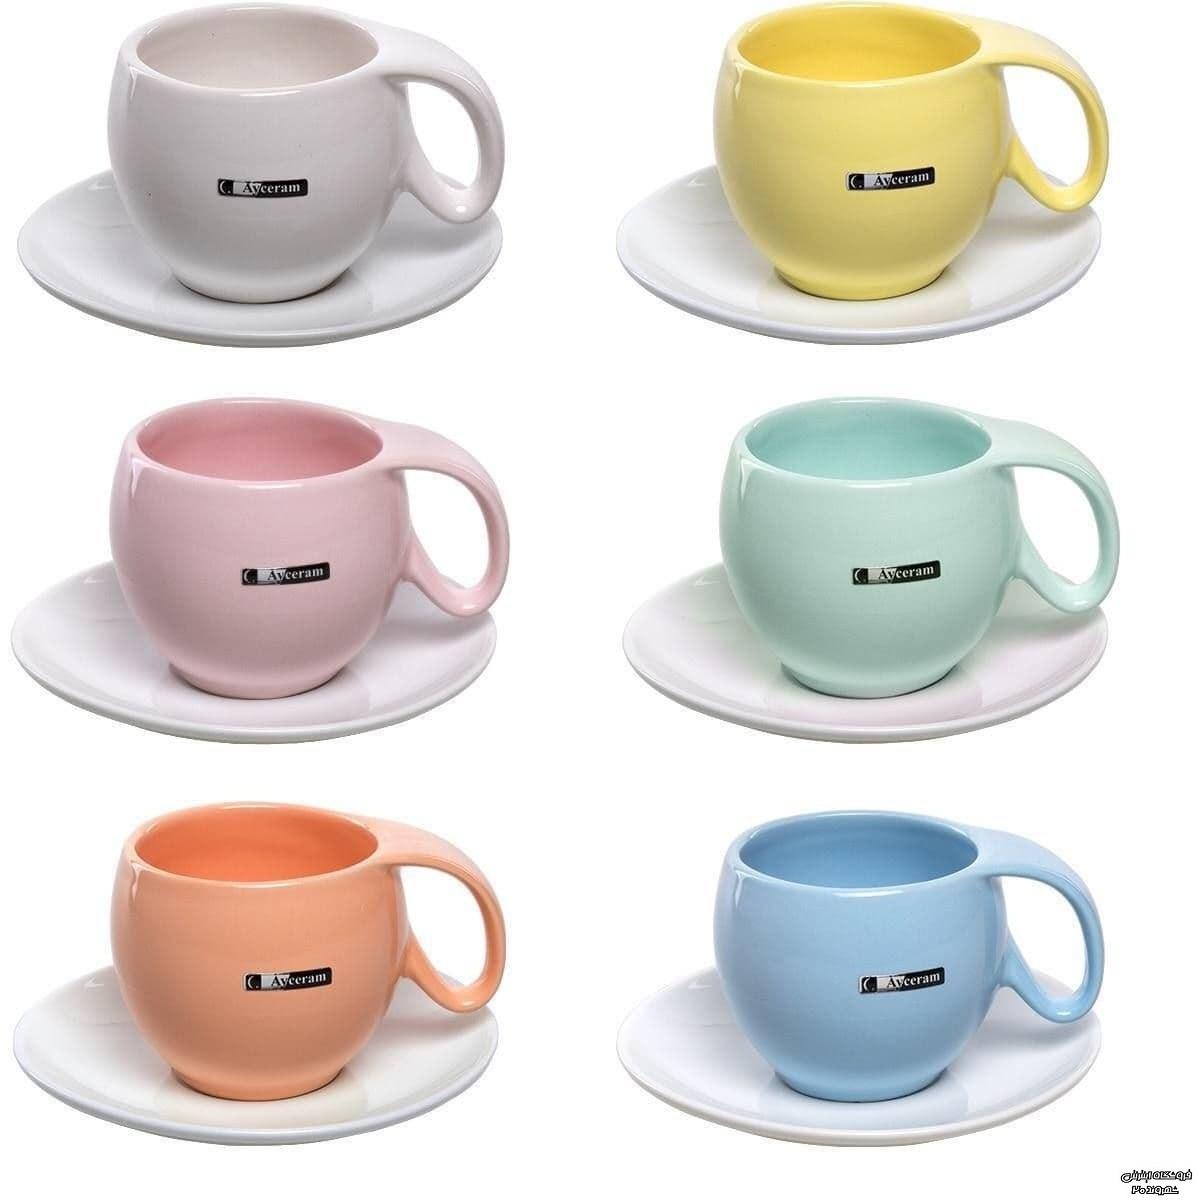 تصویر ست فنجان نعلبکی رنگی آیسرام ا کدکالا 4420 کدکالا 4420